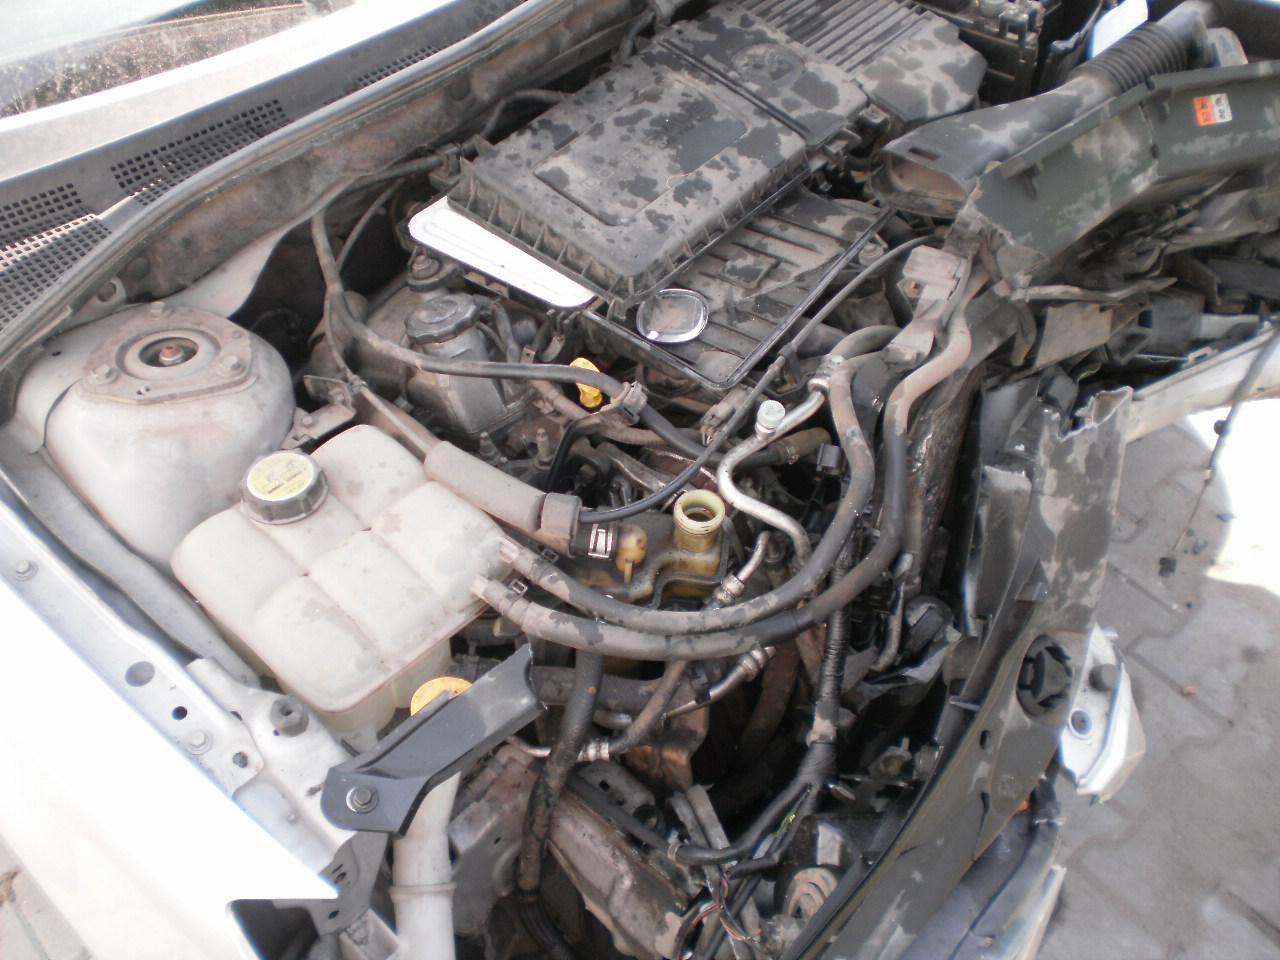 Mazda 3 avariat 2005 Benzina Hatchback - 12 Martie 2011 - Poza 4